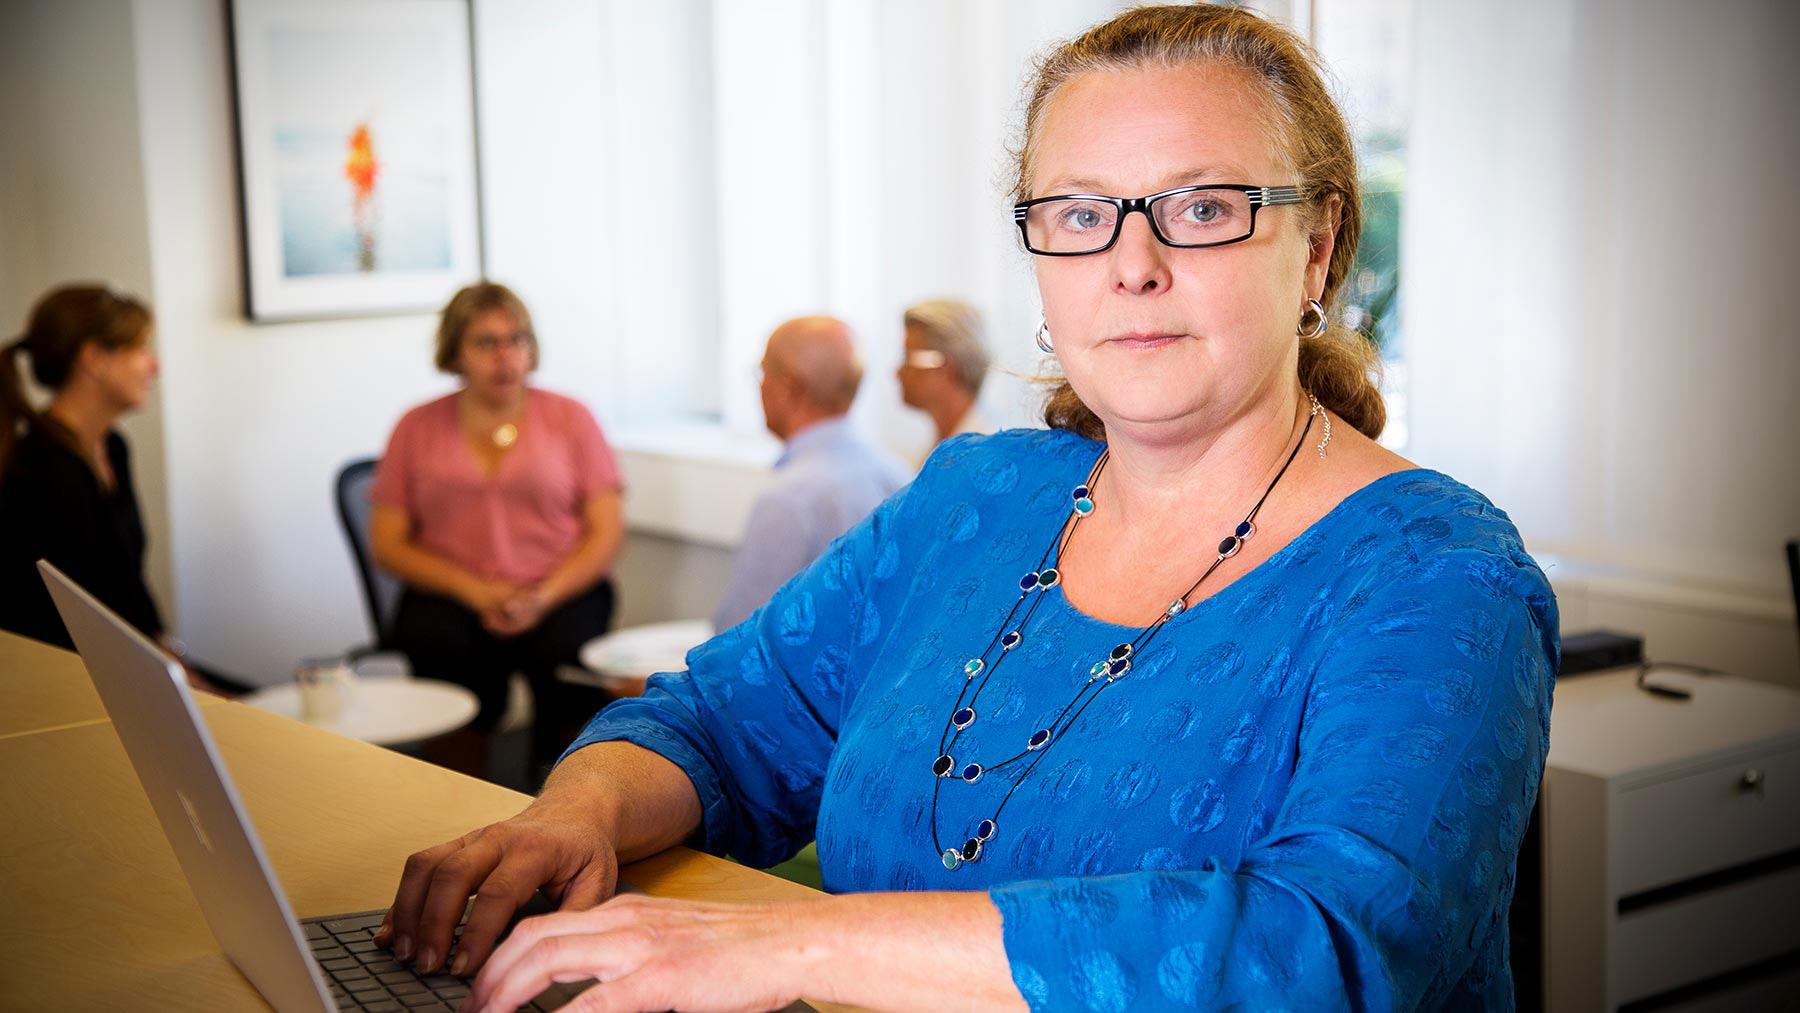 Anki Udd är ledarskapsexpert på fackförbundet Ledarna.